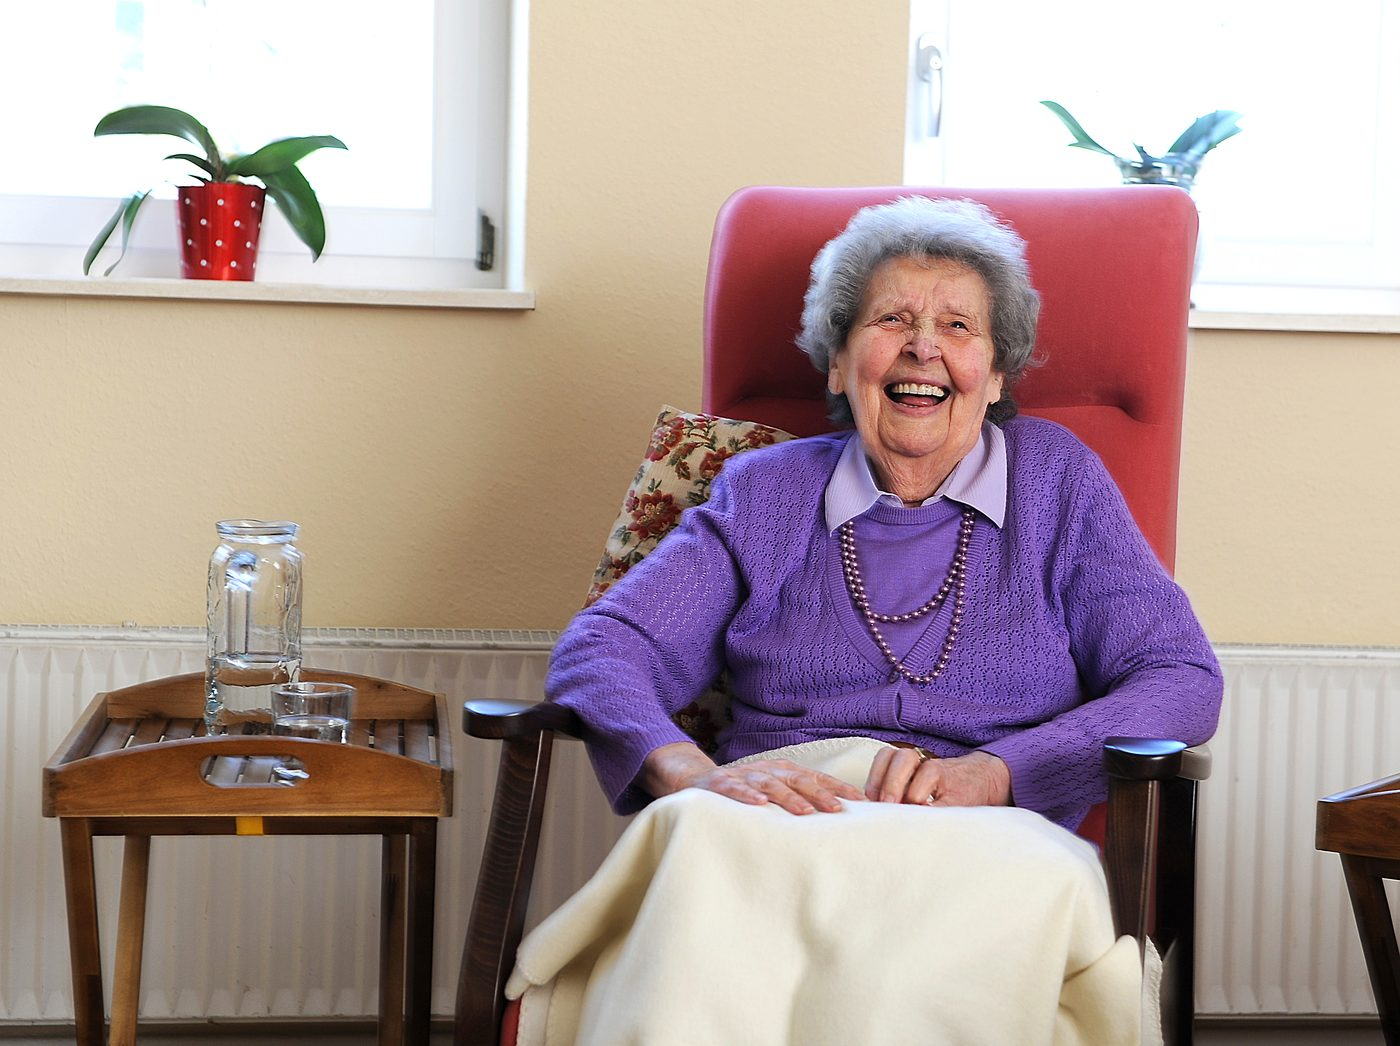 Tagespflege Hamel, Partner für ambulante Pflege und Betreuung